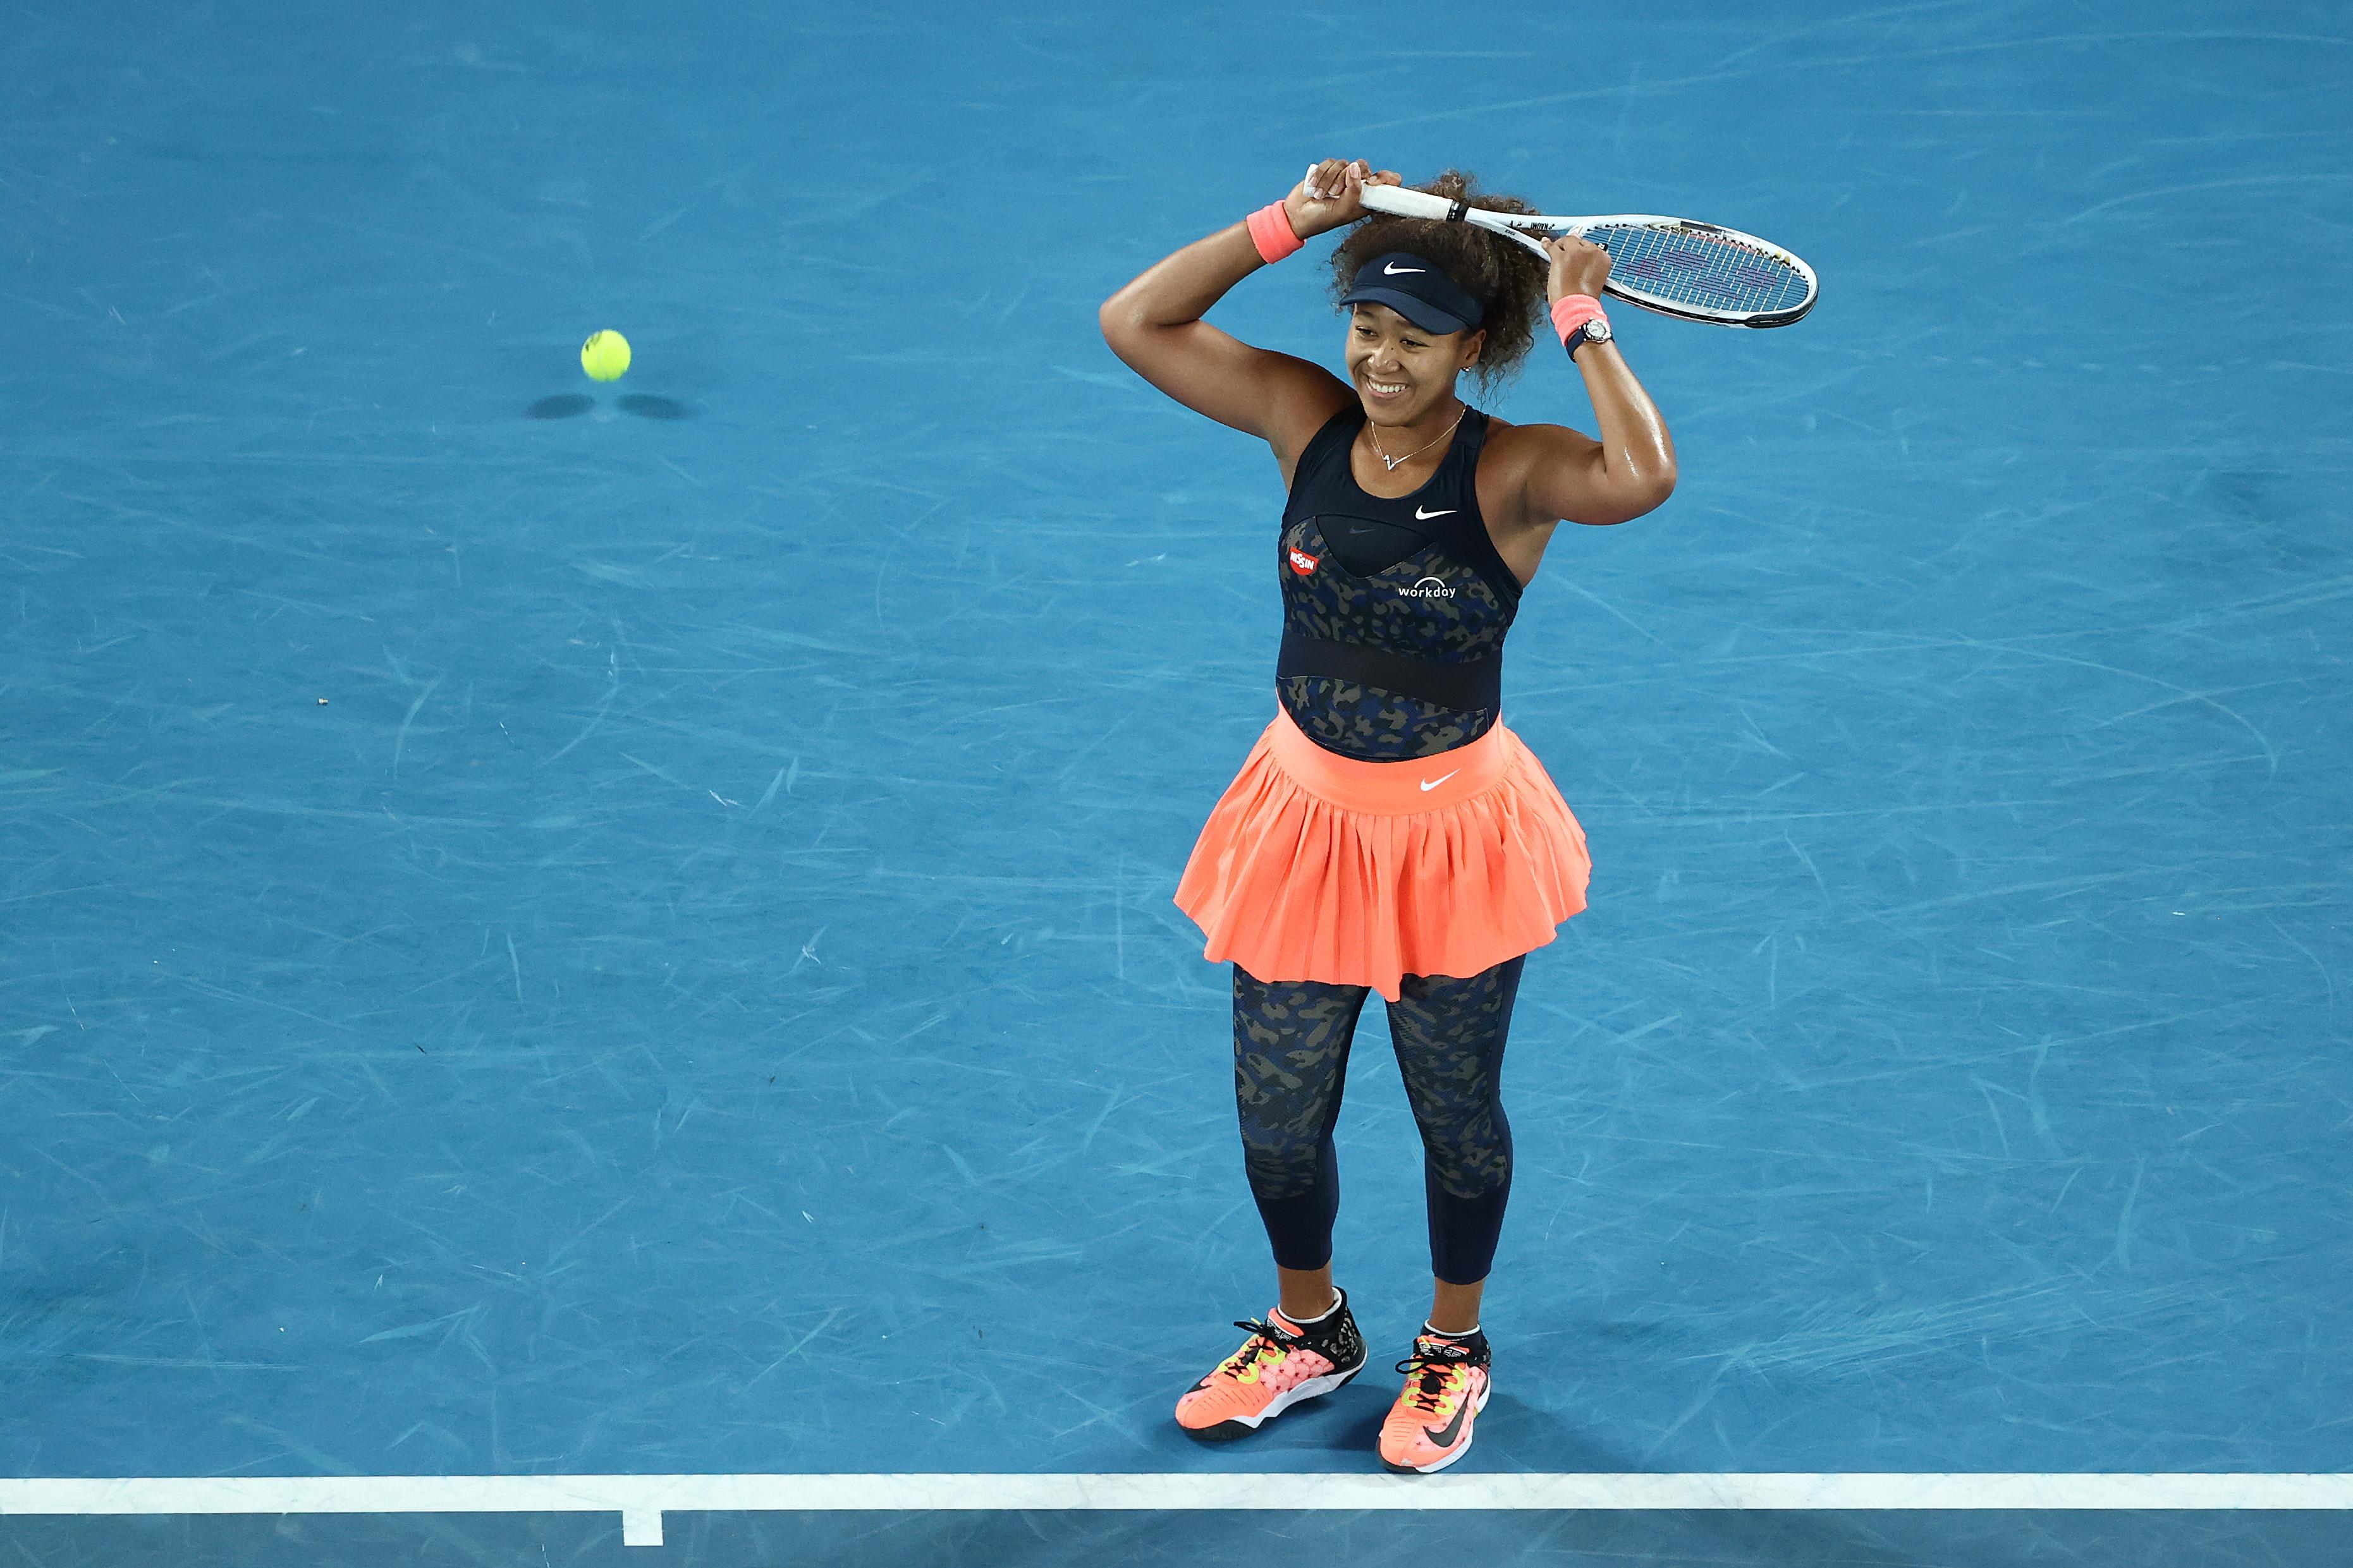 Australian Open - Naomi Osaka